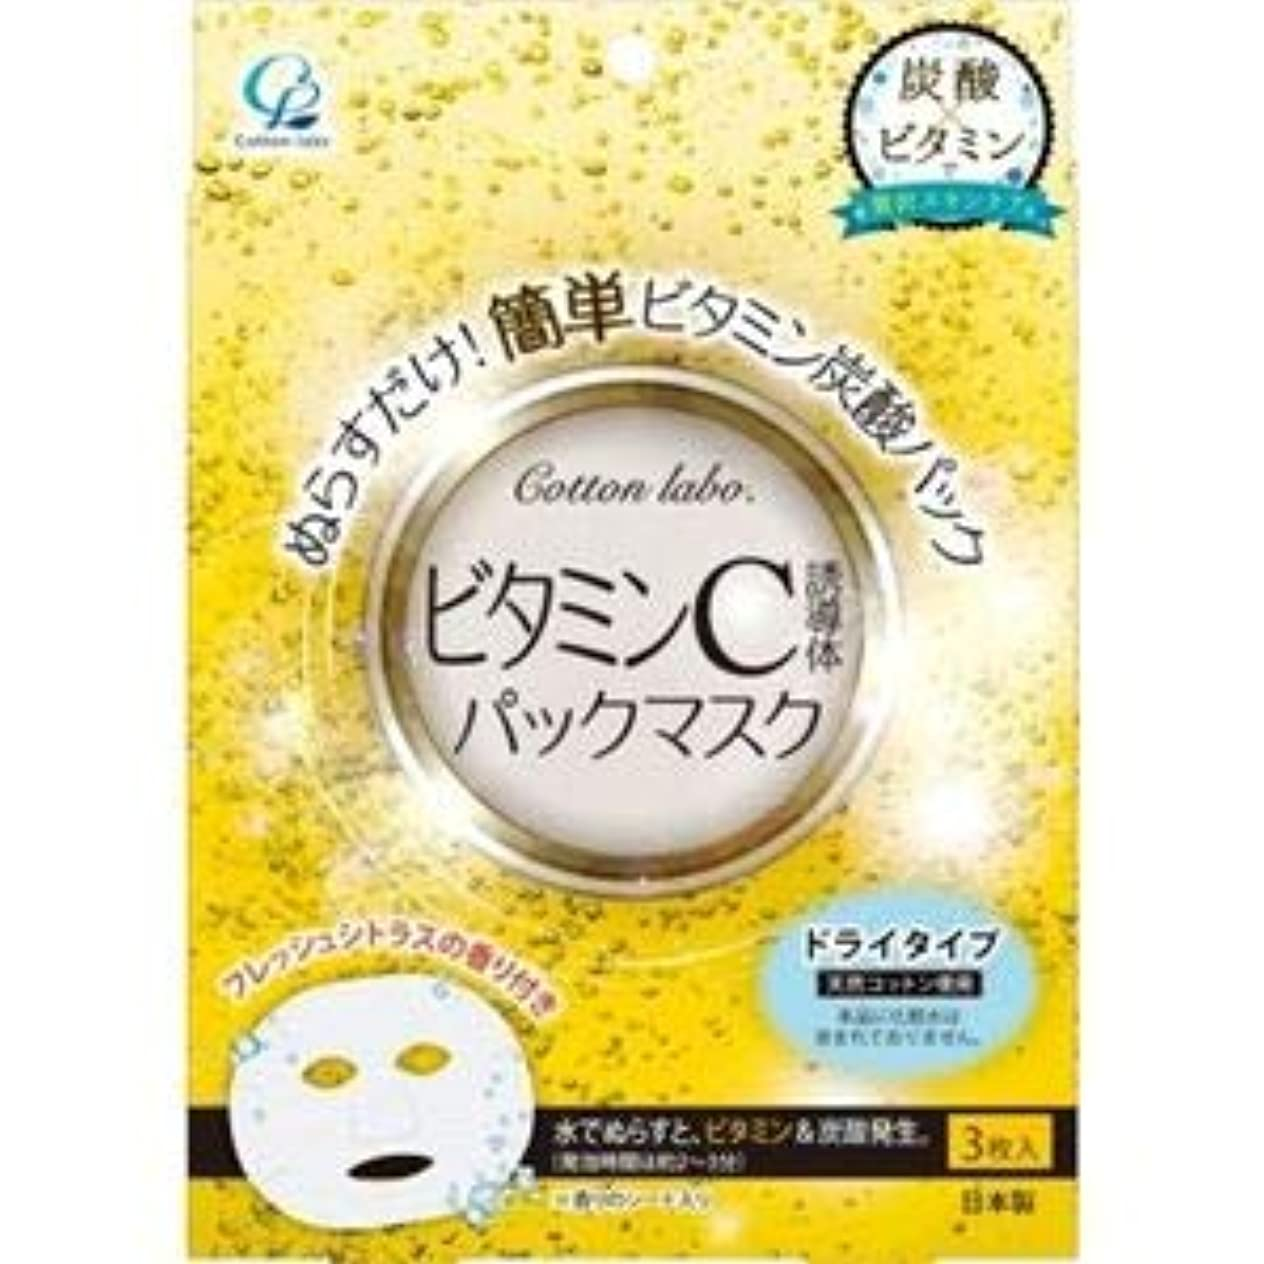 文句を言うオープニング便宜(まとめ)コットンラボ ビタミンパックマスク3枚 【×5点セット】